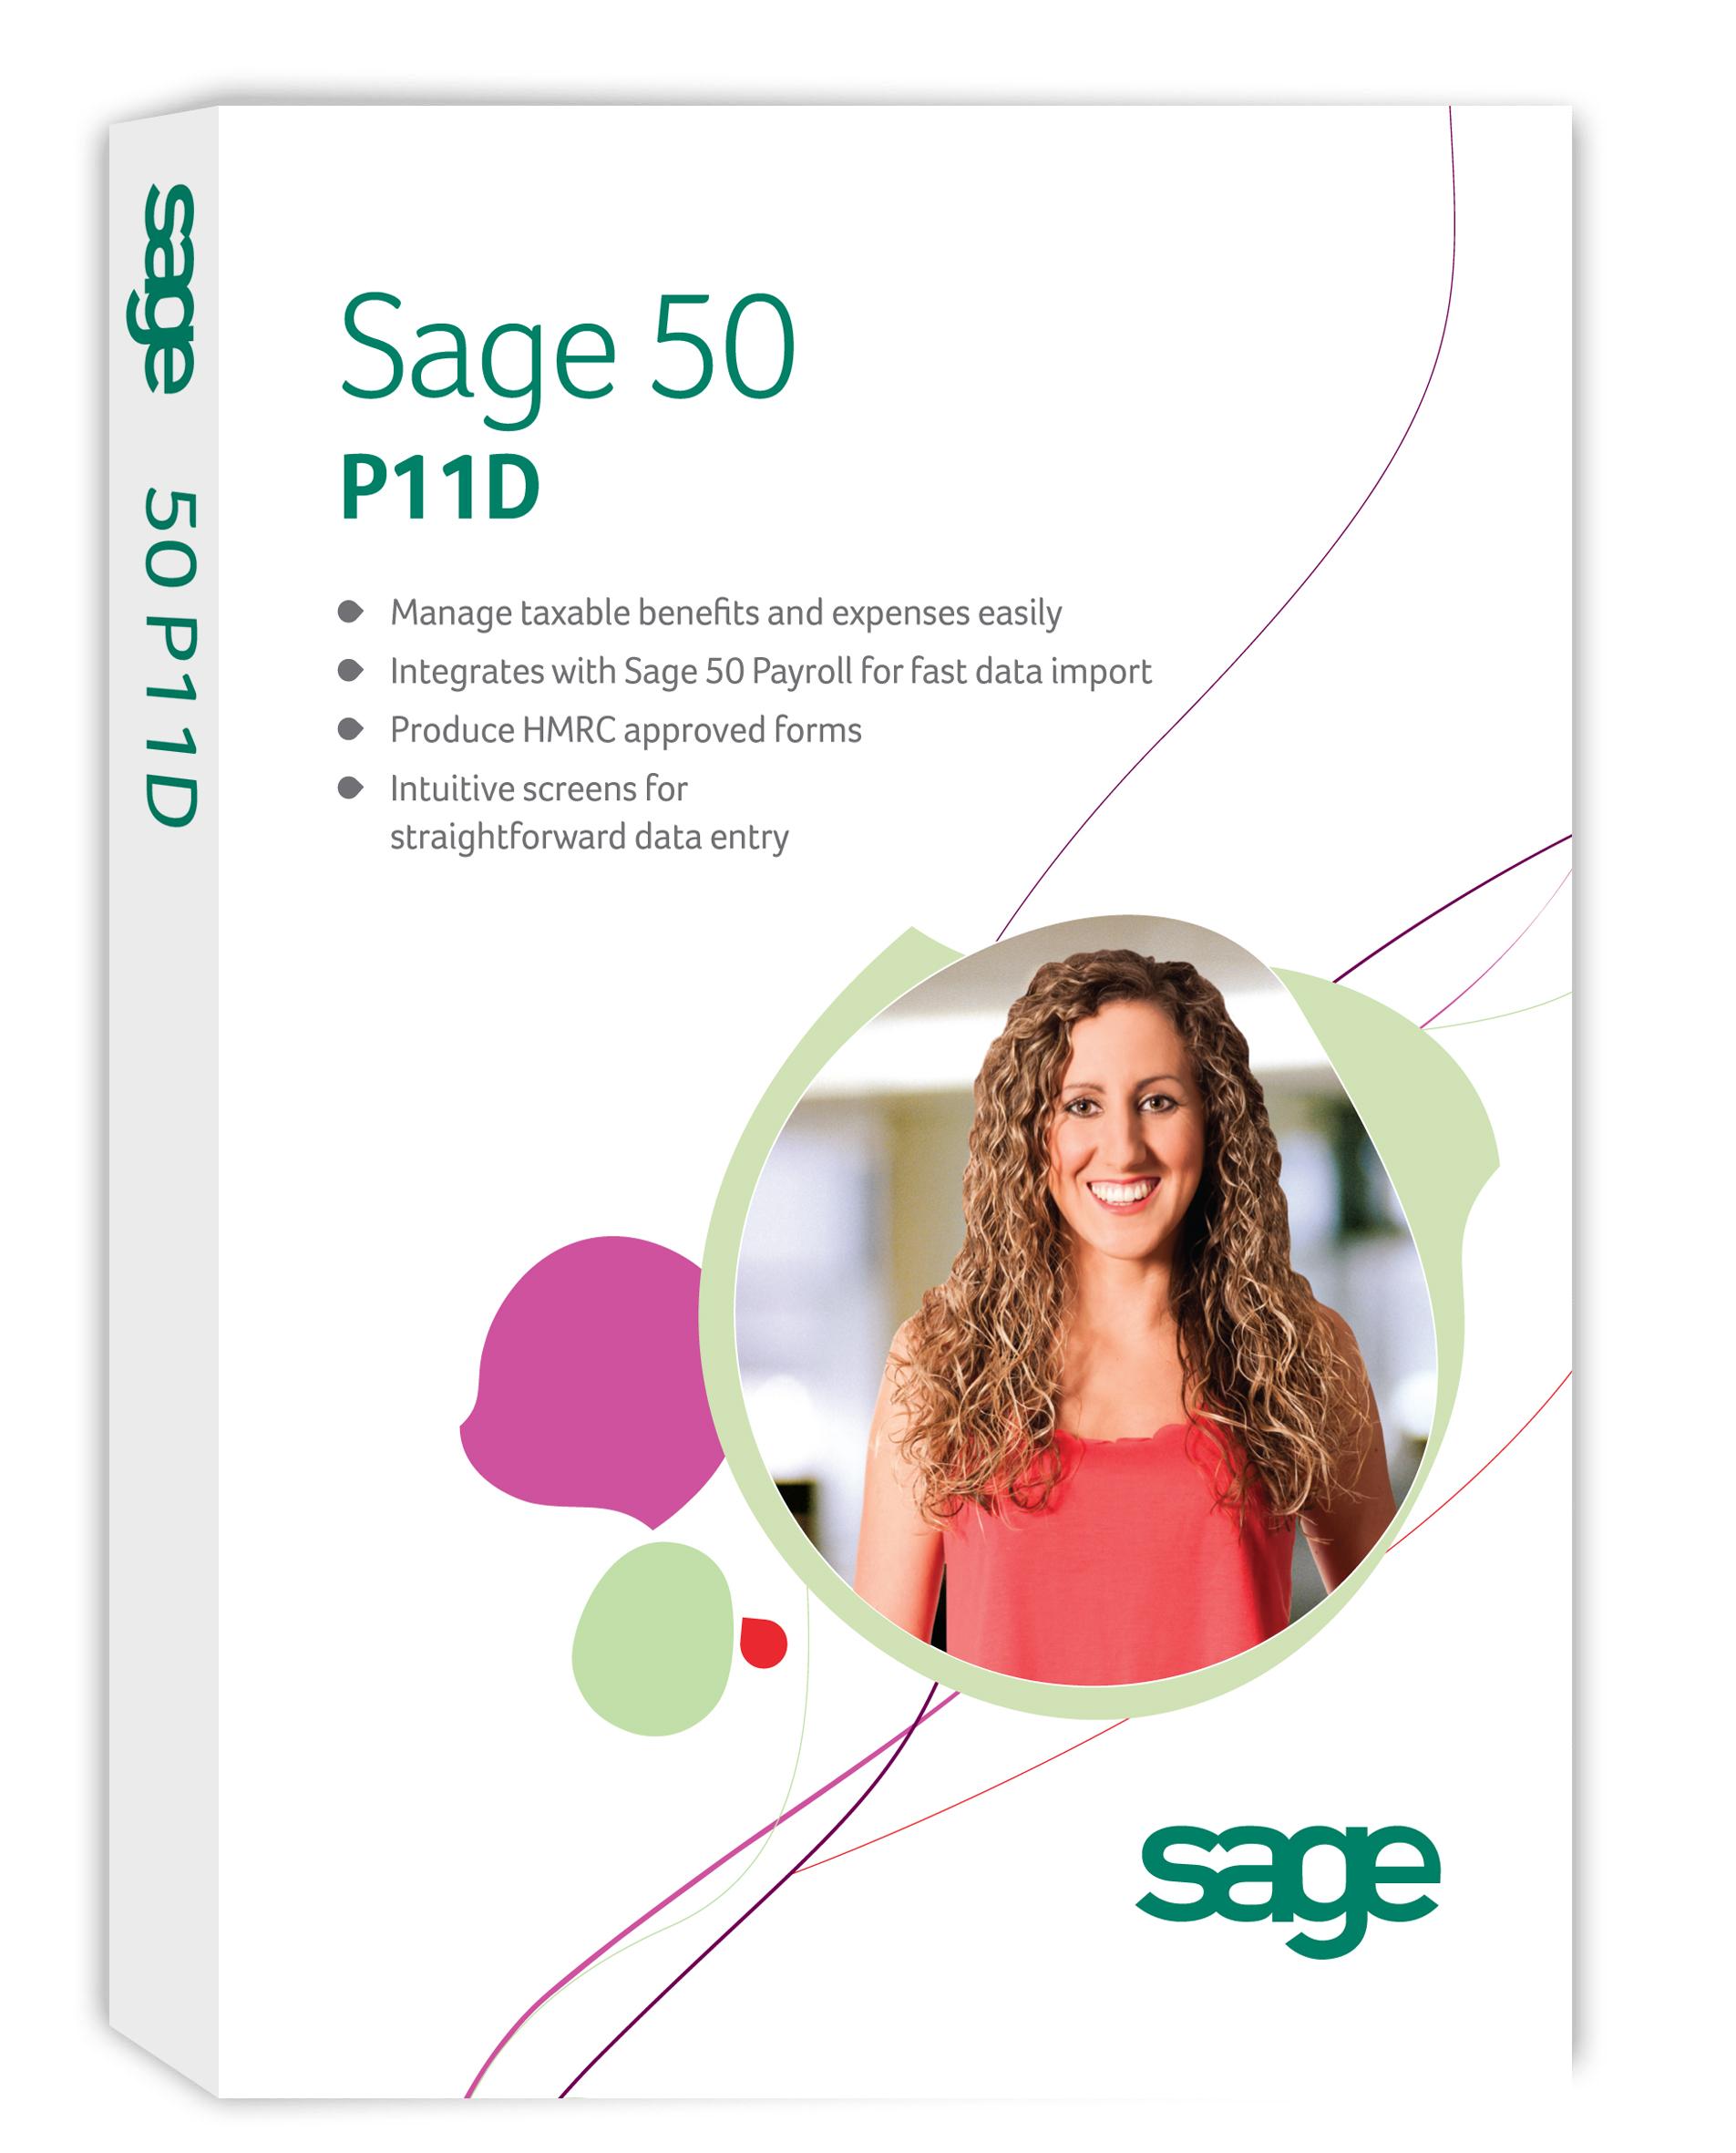 New Sage 50 HR